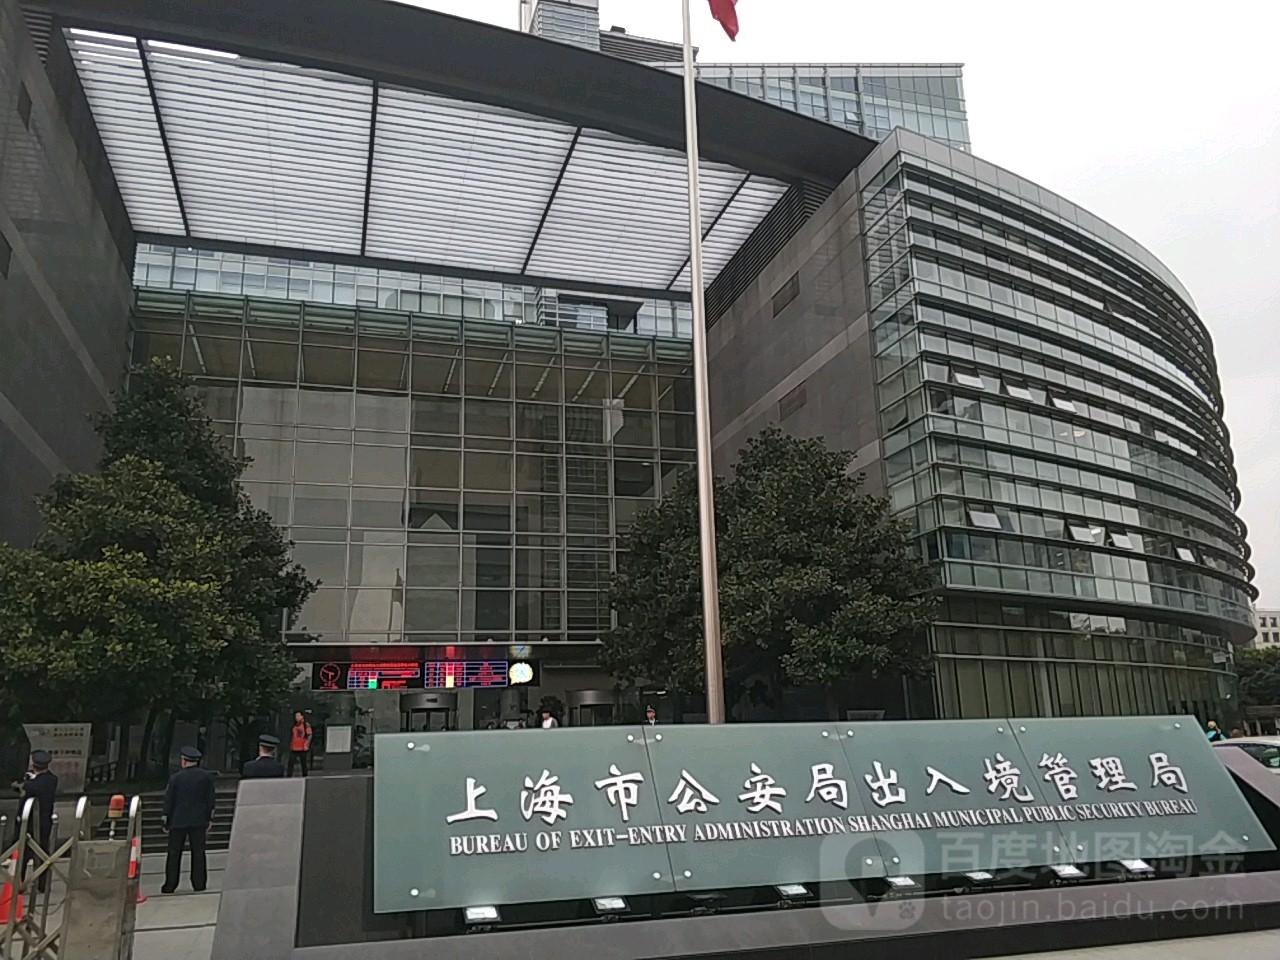 上海市出入境理局官网_上海市公安局出入境管理局